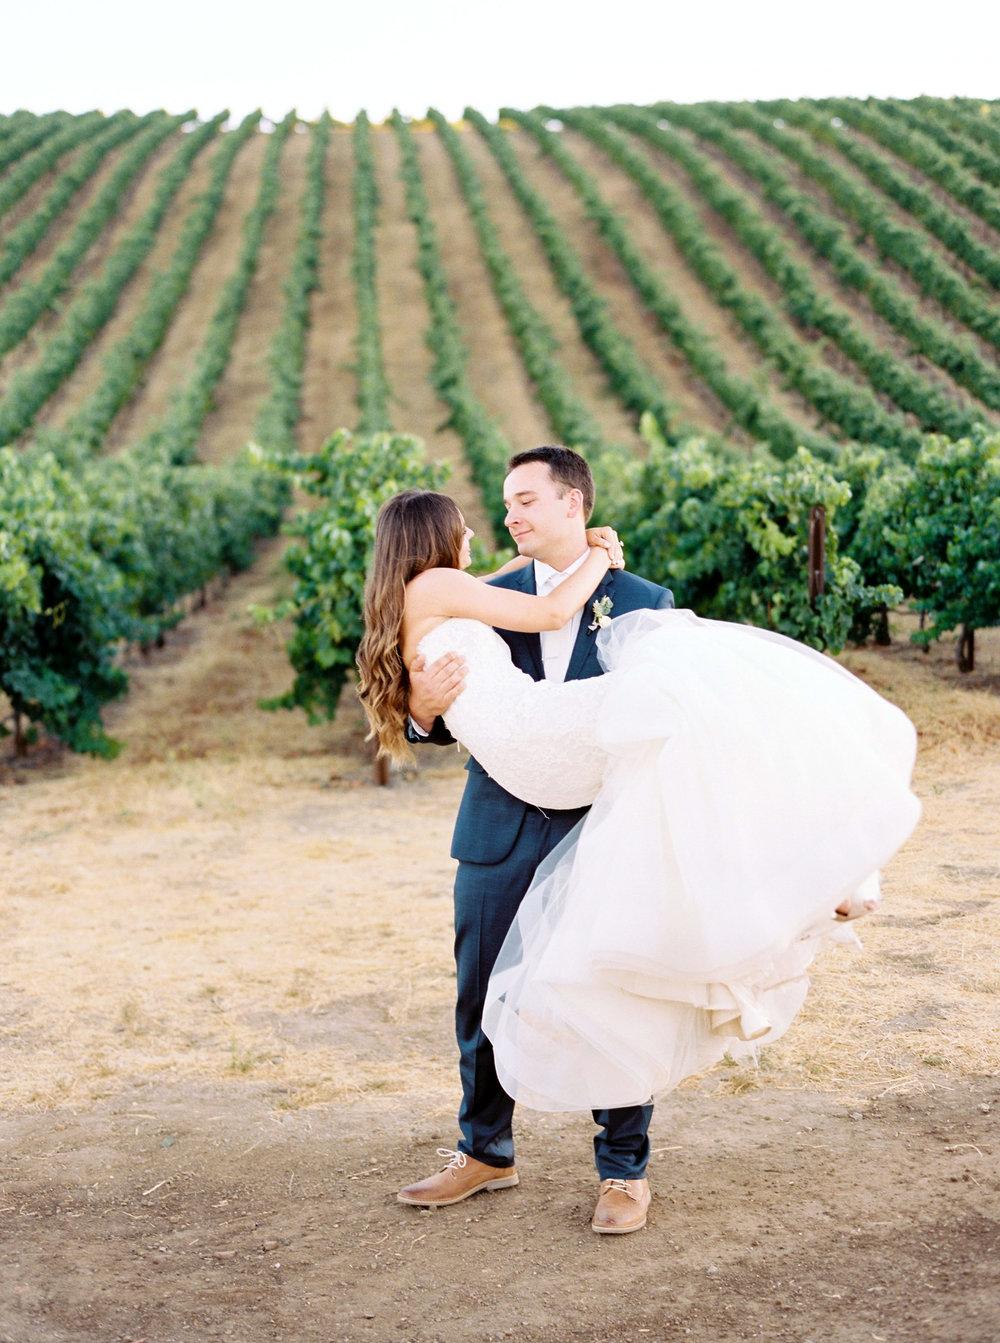 muriettas-well-wedding-in-livermore-california-46.jpg